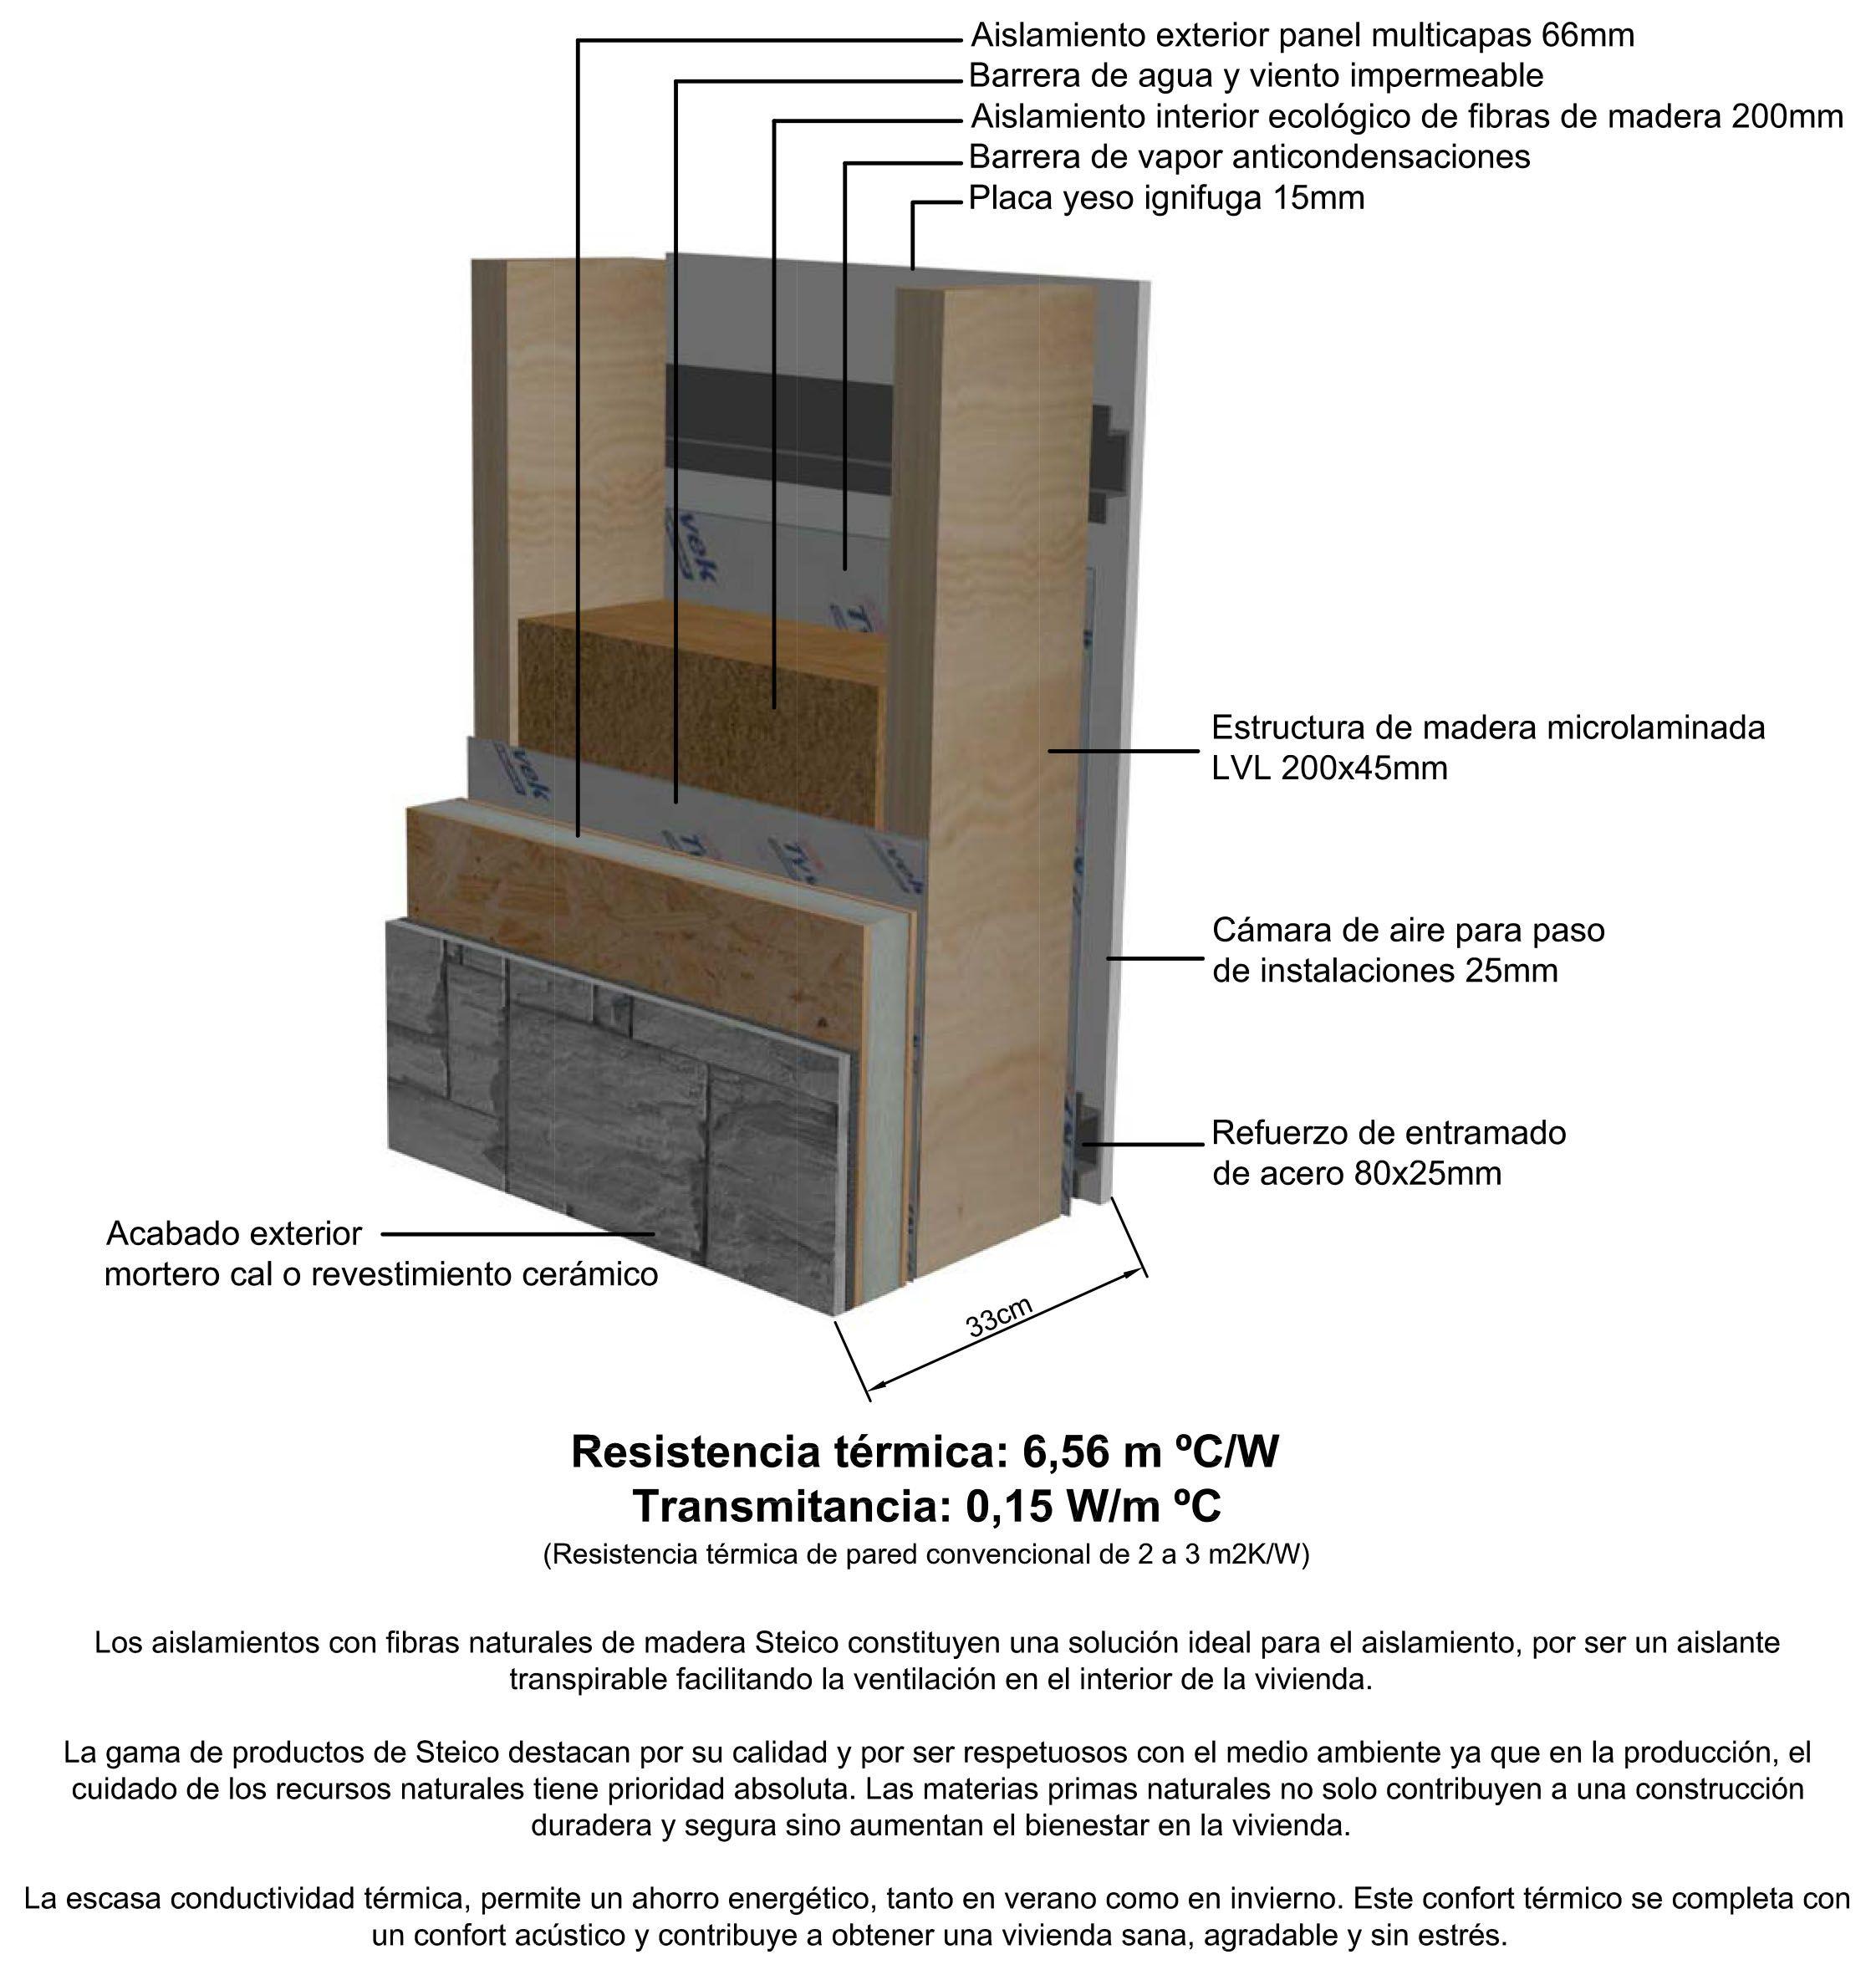 Sección de pared de madera, Casas Pasivas Josman